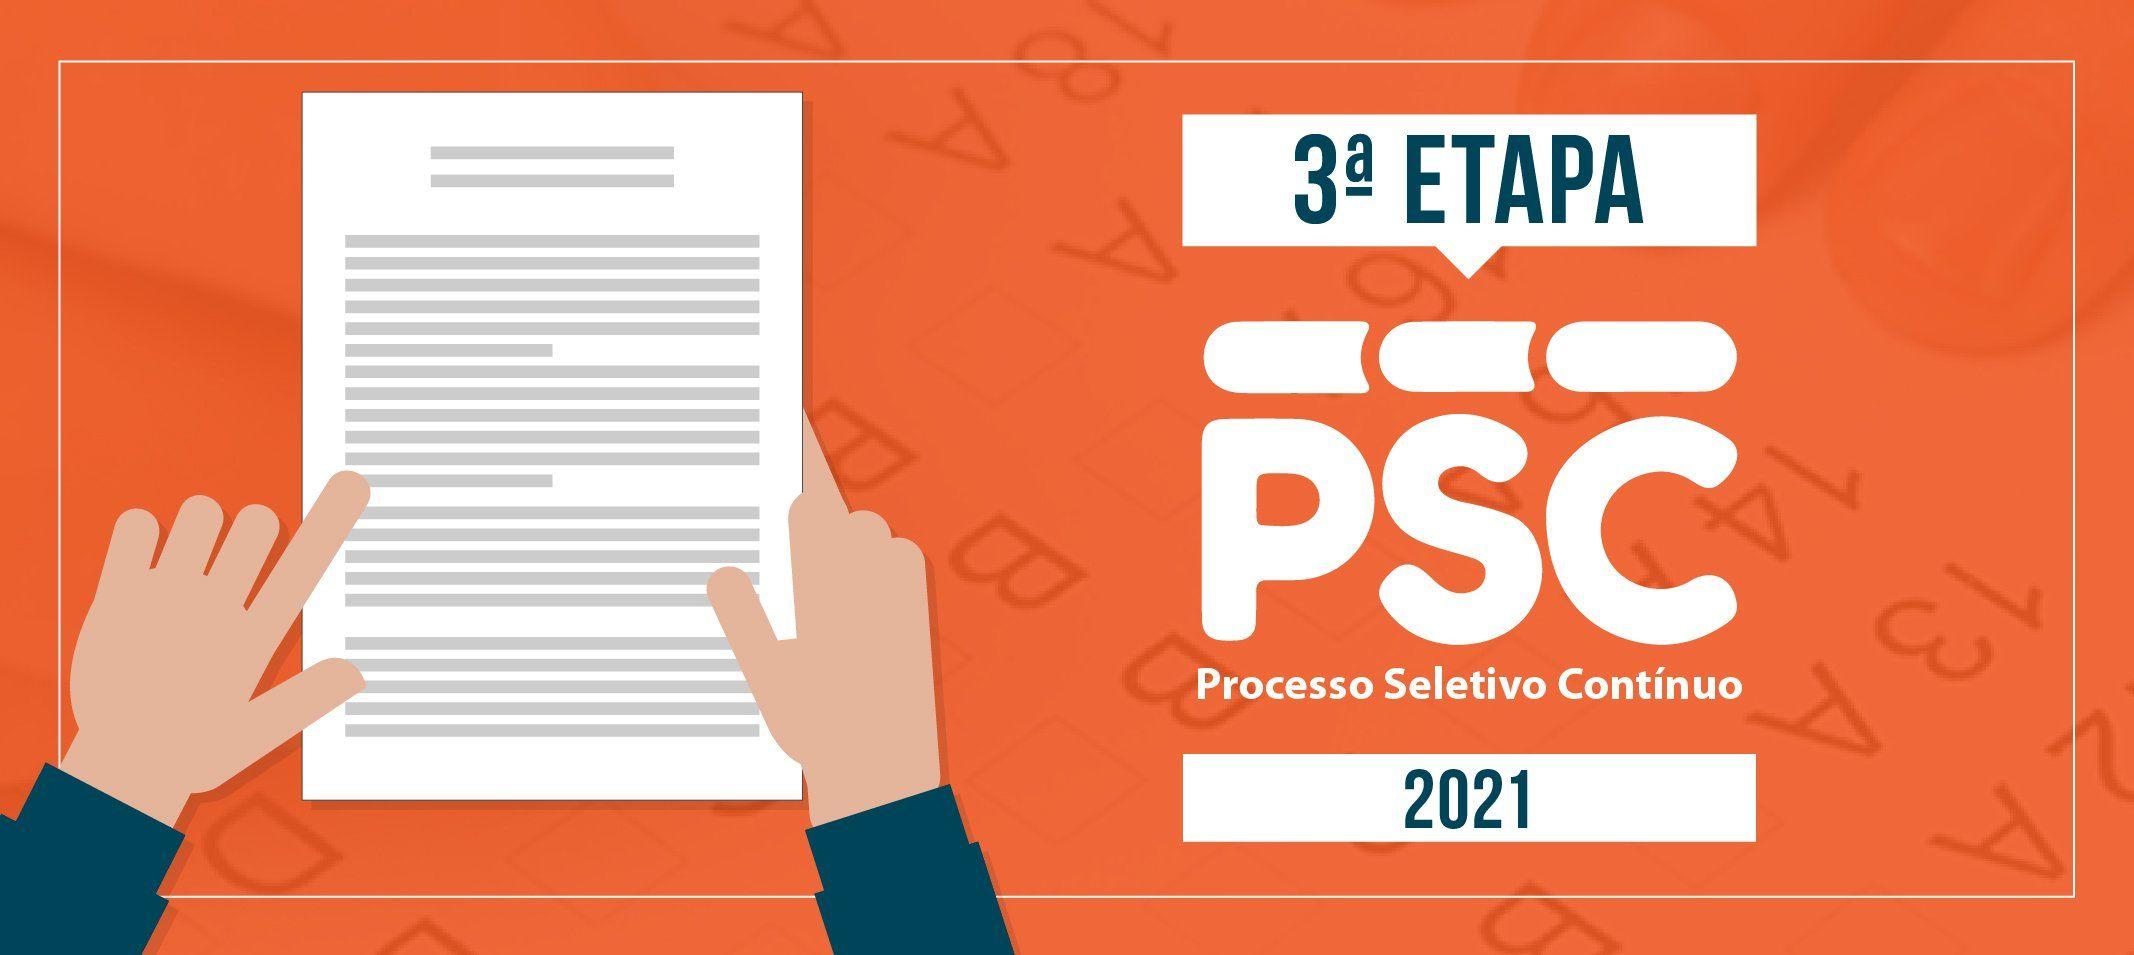 Ufam abre inscrições para o PSC 2021 de 11 a 25 de agosto